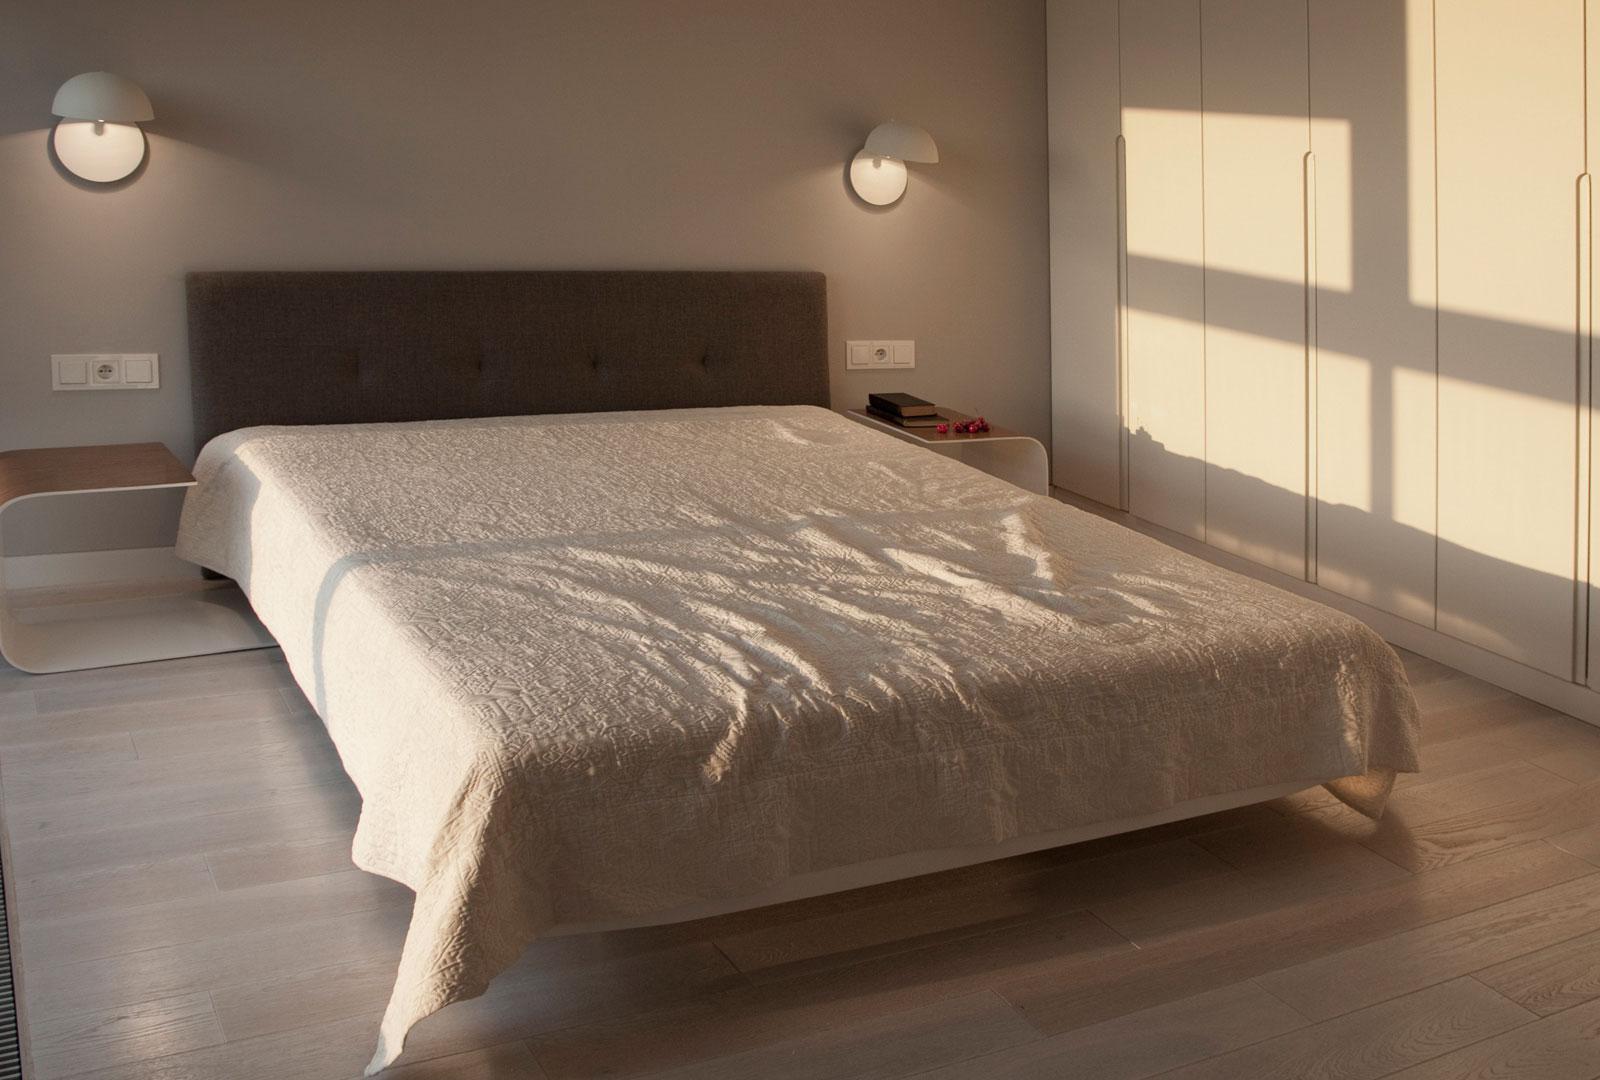 wiktorowe-mieszkanie-048